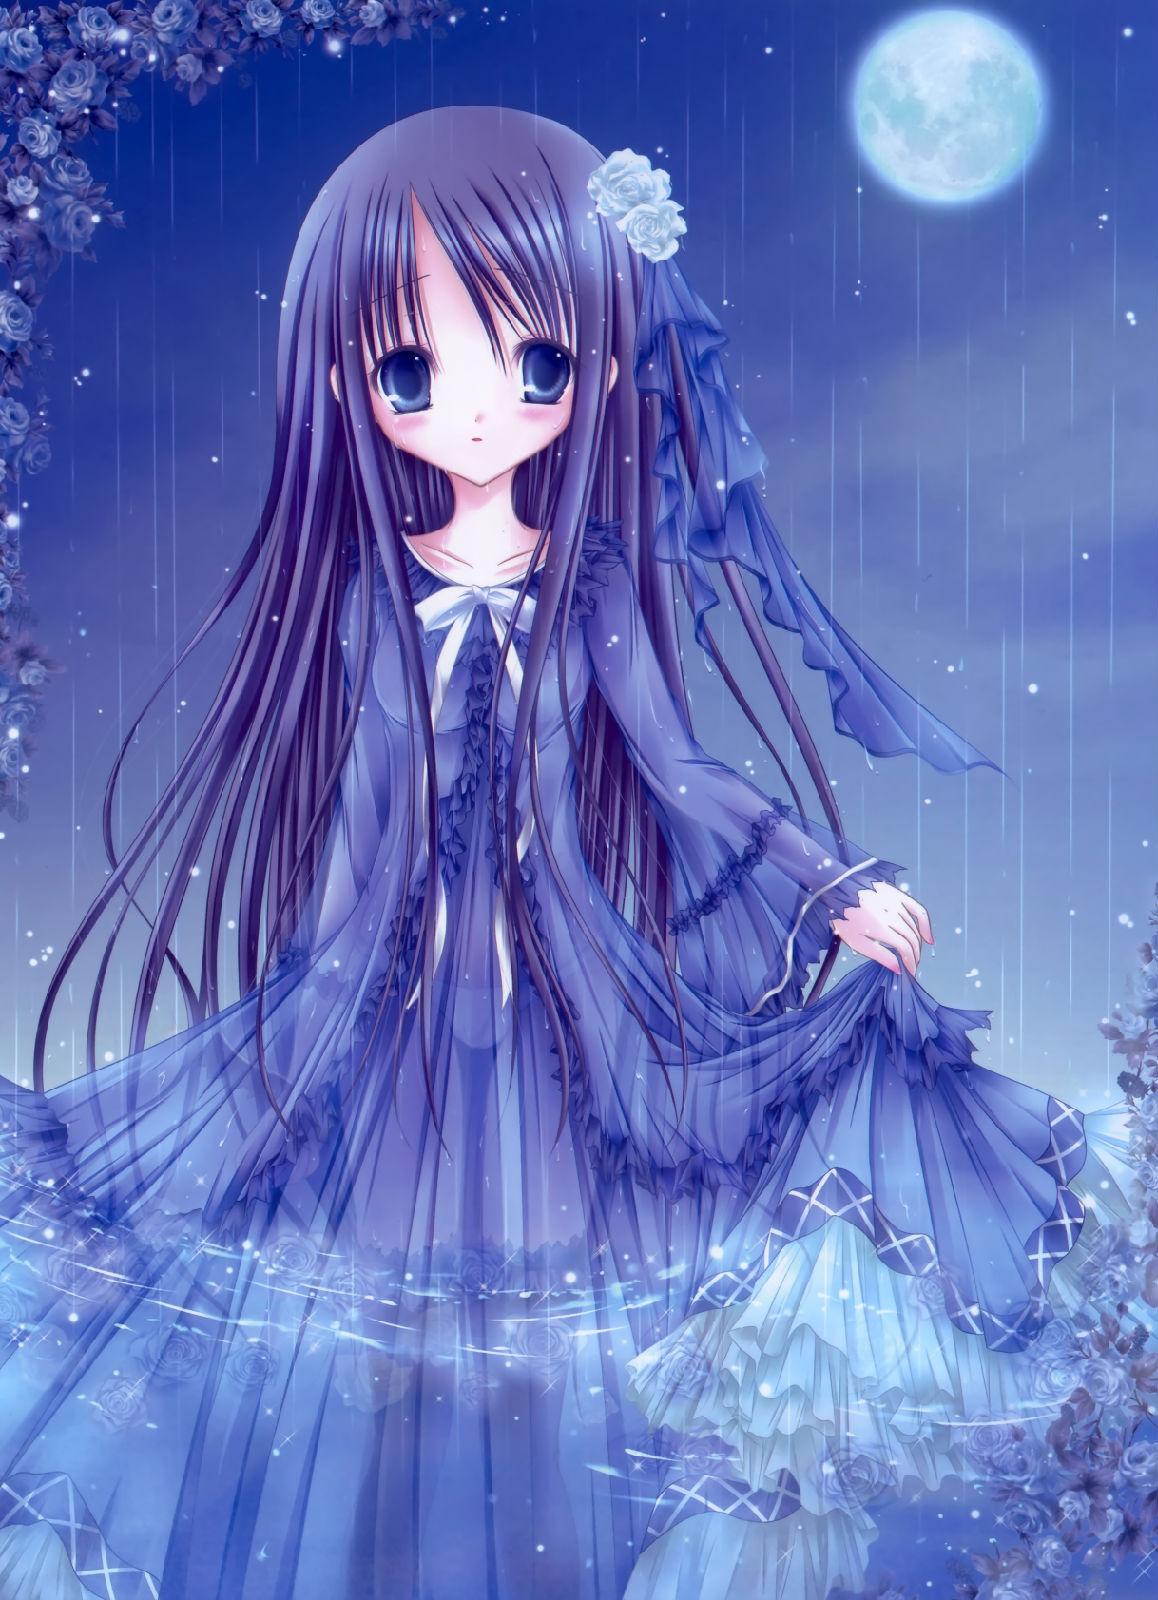 谁有海蓝色头发,冰蓝色眼睛的动漫少女图片? 百度知道